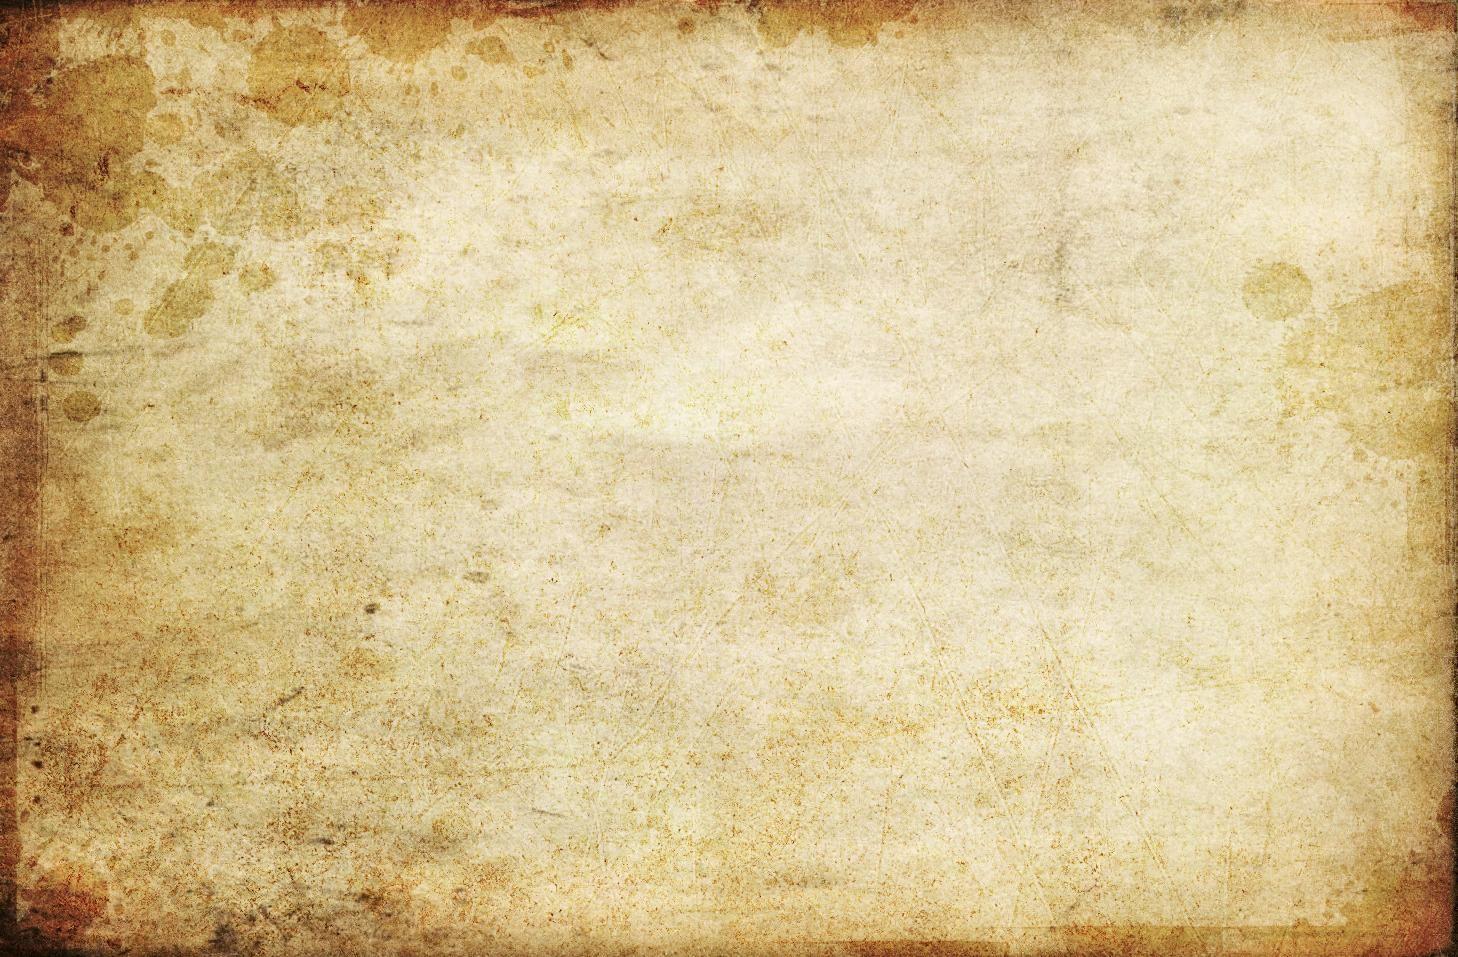 Textura Periodico Antiguo - Buscar Con Google